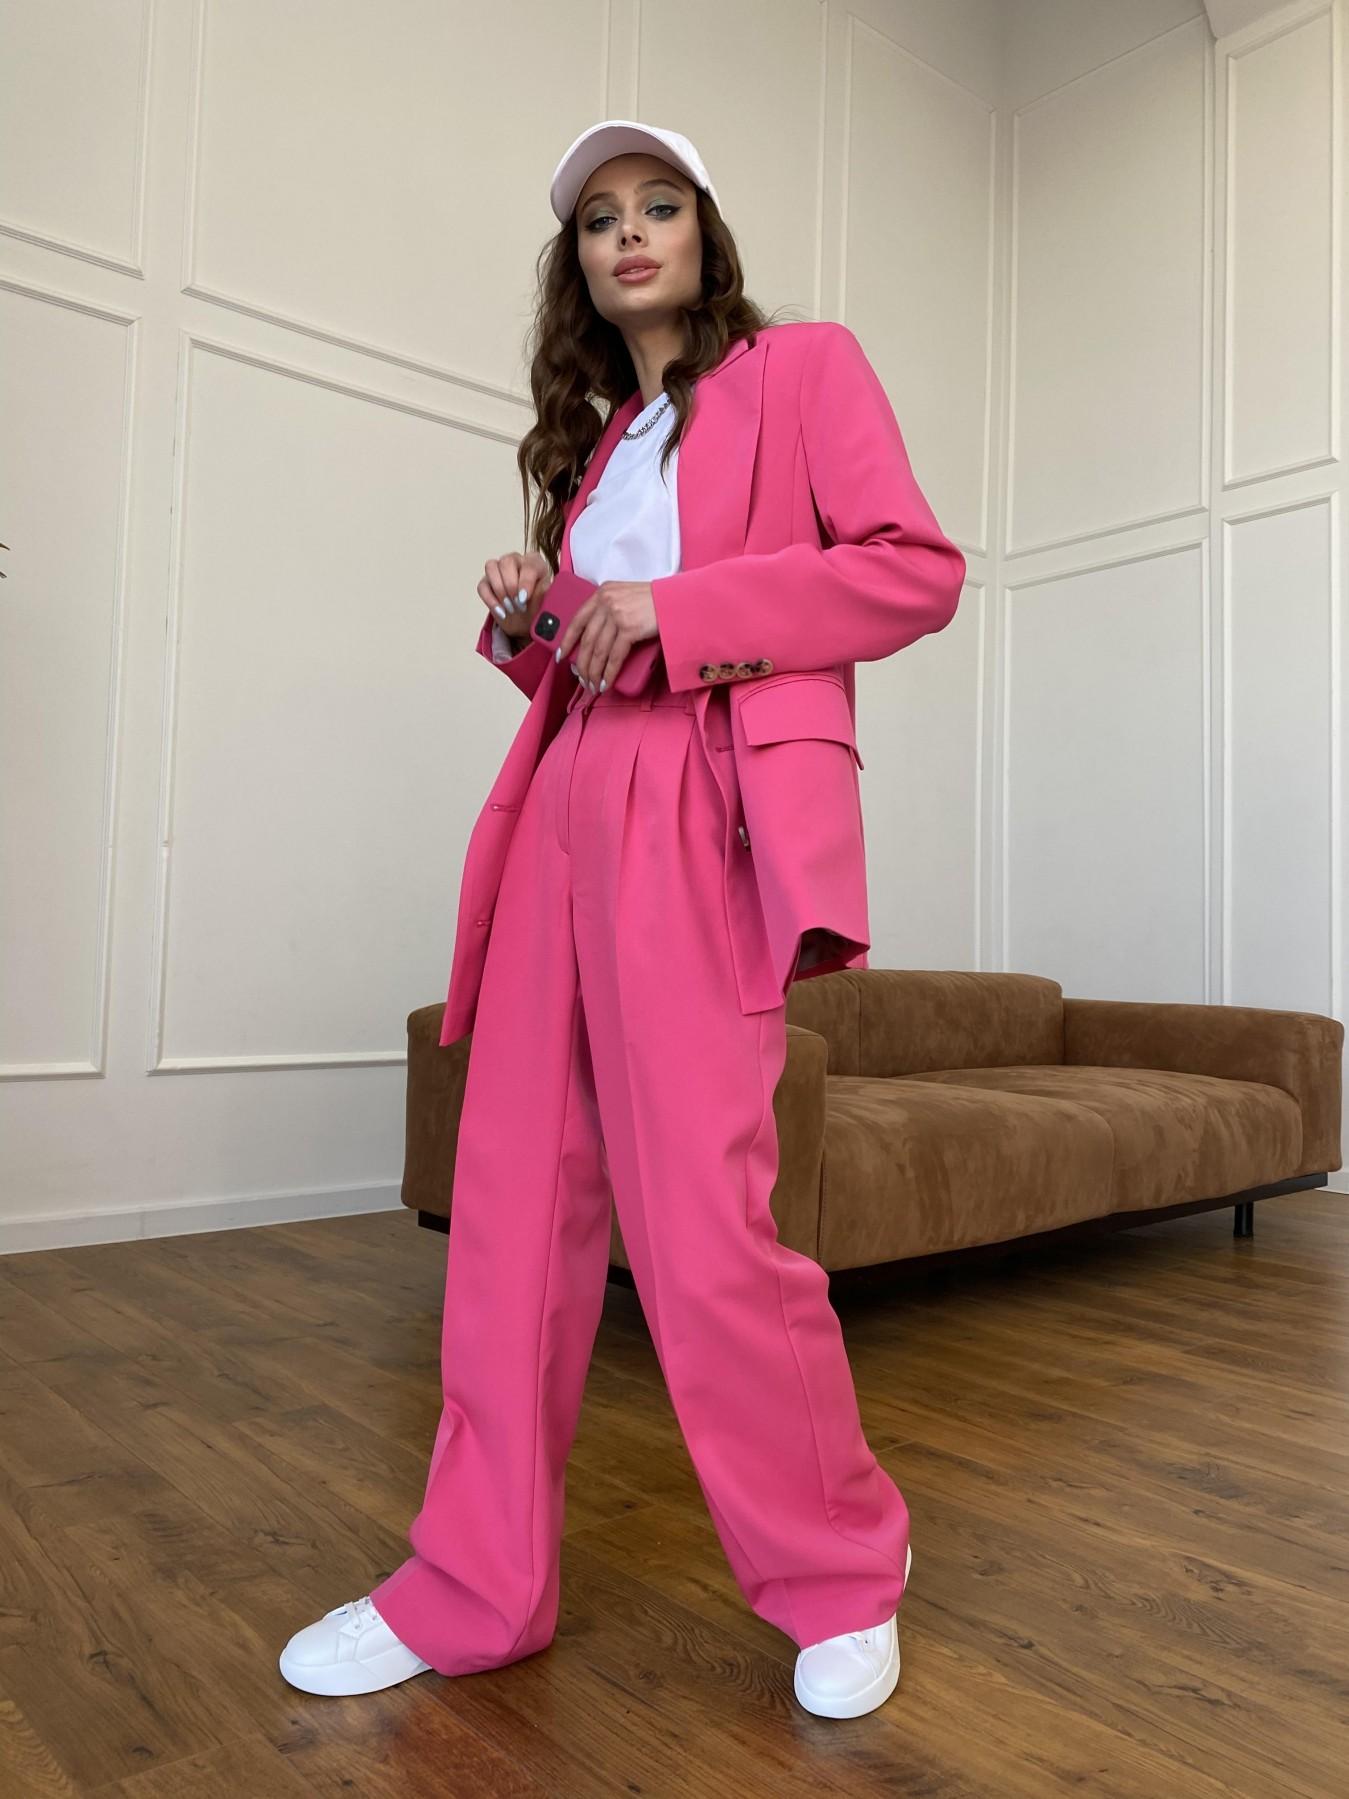 Белисимо  костюм стрейч из костюмной ткани 11217 АРТ. 47720 Цвет: Малиновый - фото 10, интернет магазин tm-modus.ru